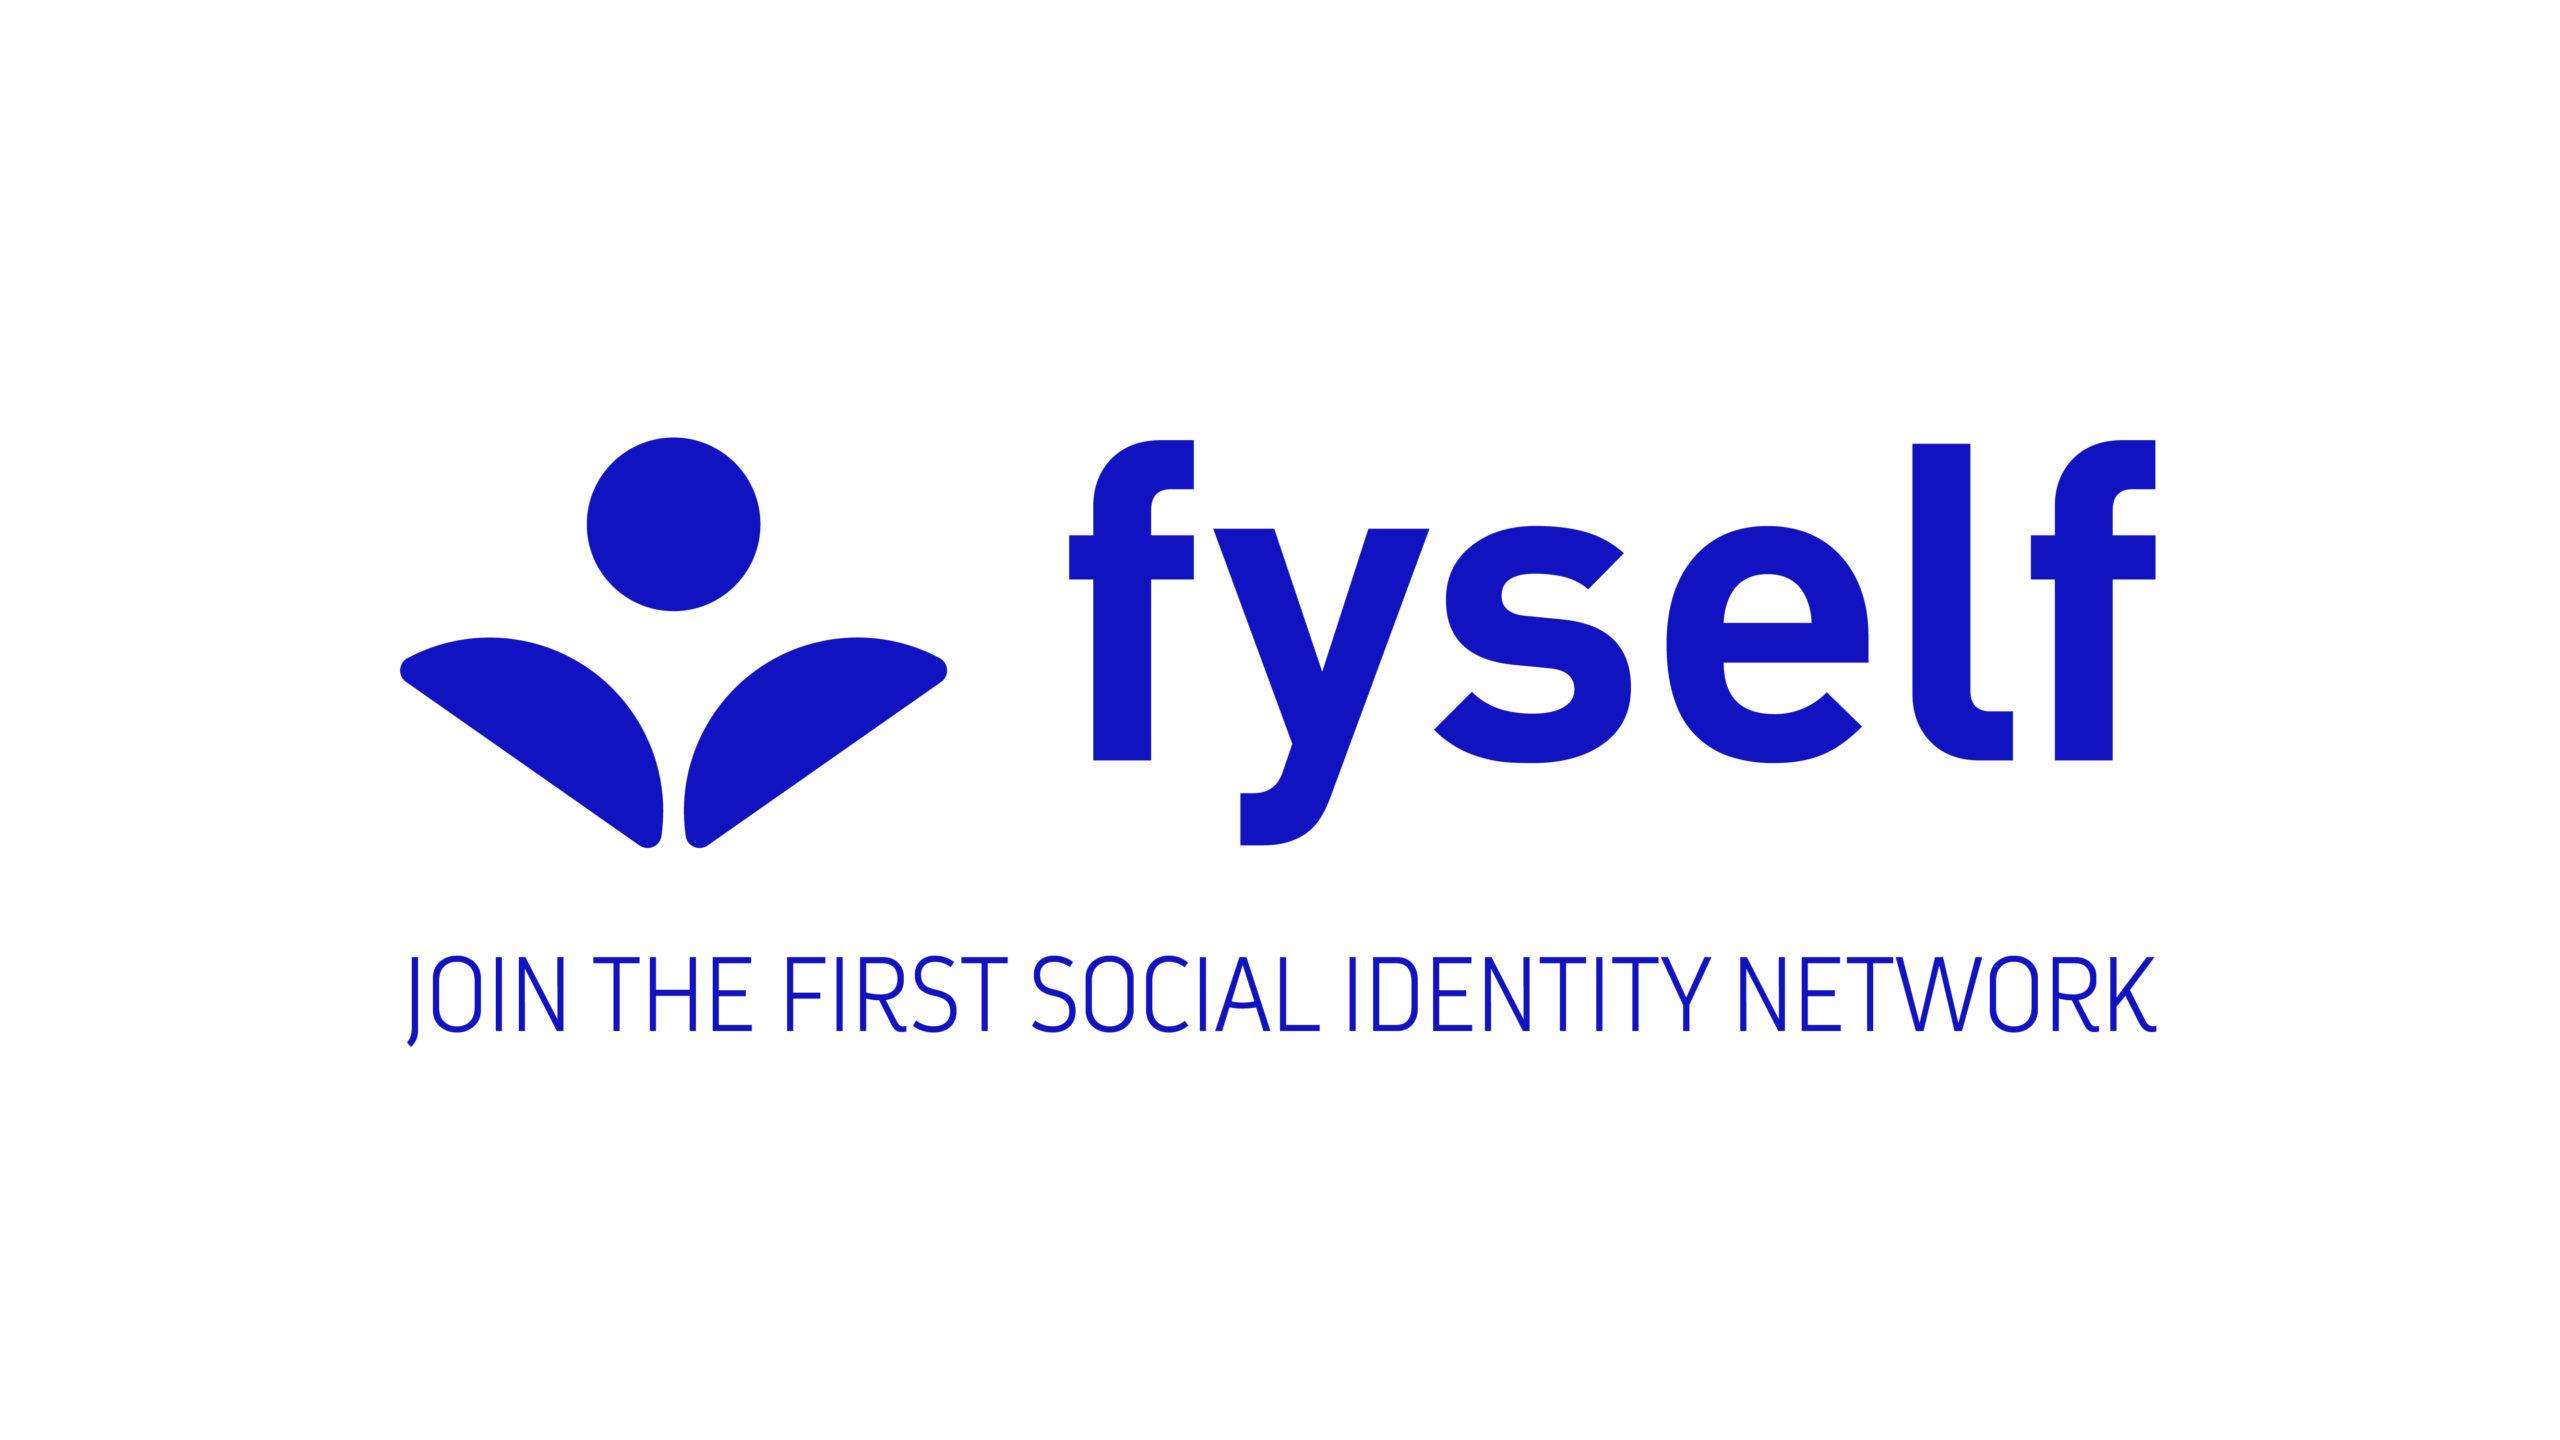 Сеть социальной идентичности это инструмент нового типа создано для пользователей